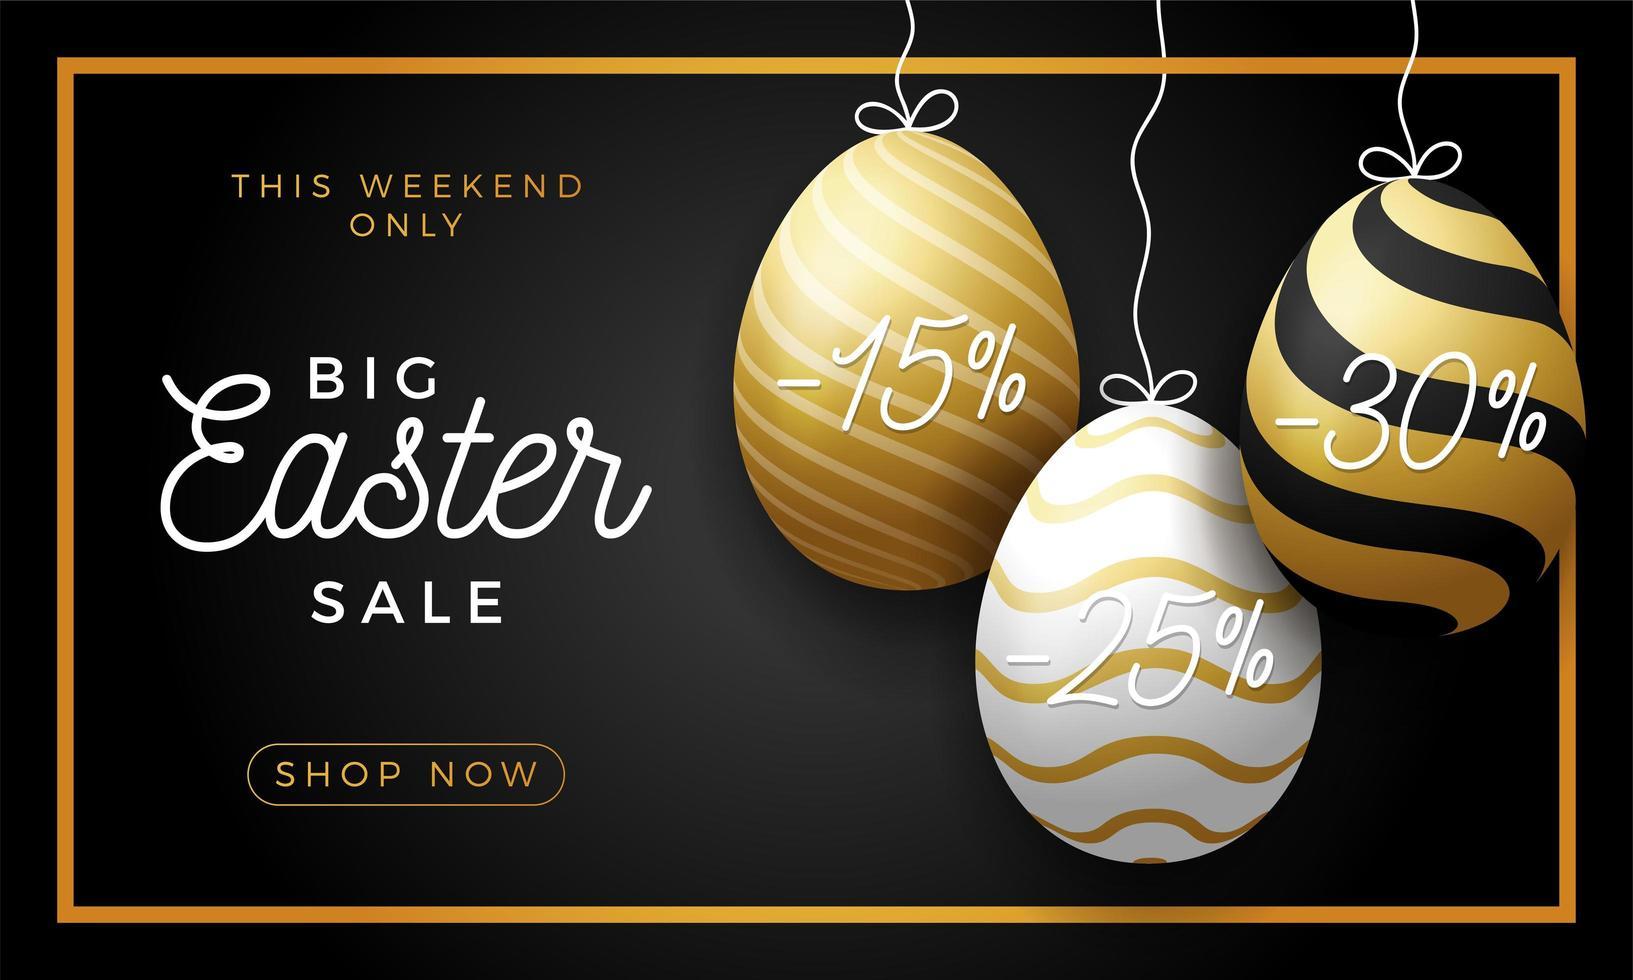 lyxig påskäggsförsäljning horisontell banner. gyllene påsk ram kort med realistiska ägg som hänger på en tråd, guld utsmyckade ägg på svart modern bakgrund. vektor illustration